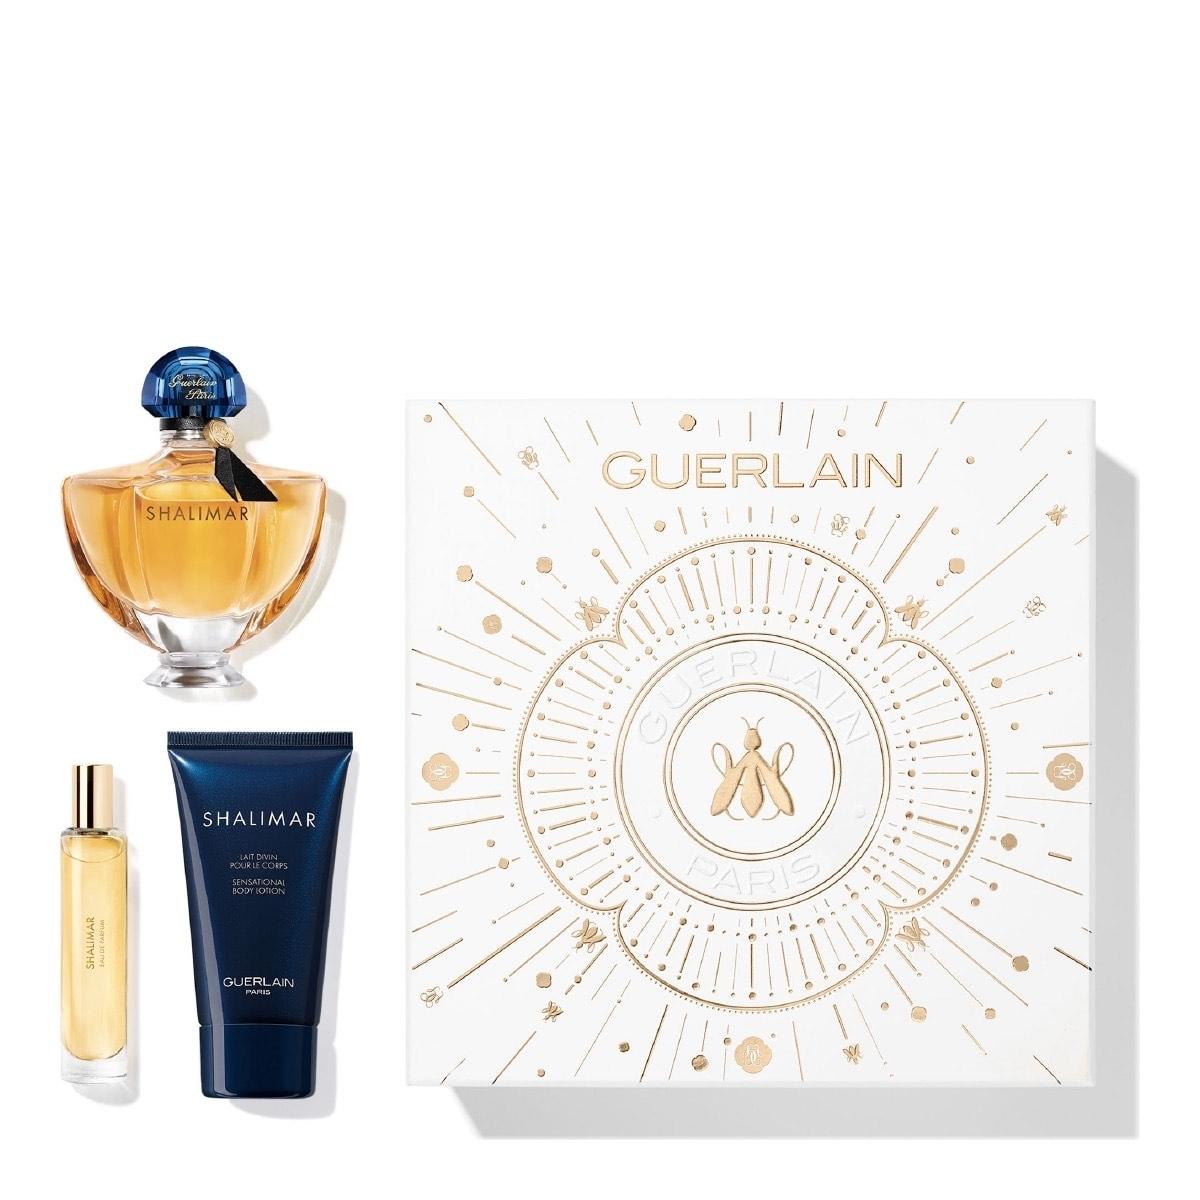 Coffret eau de parfum Guerlain Shalimar